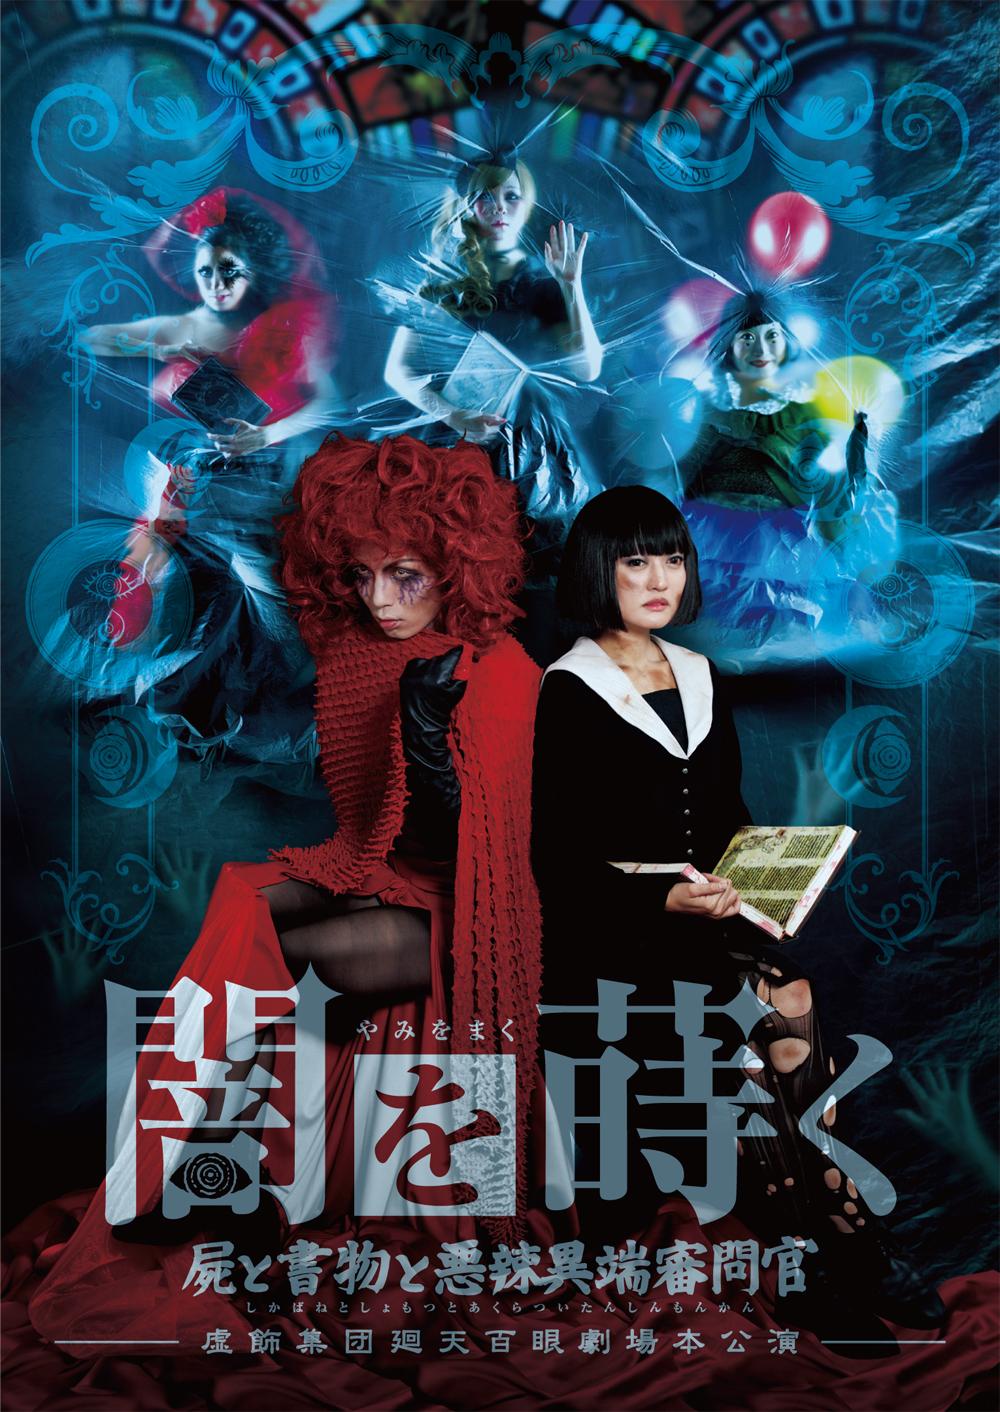 【廻天百眼】「闇を蒔く」公演DVD画像